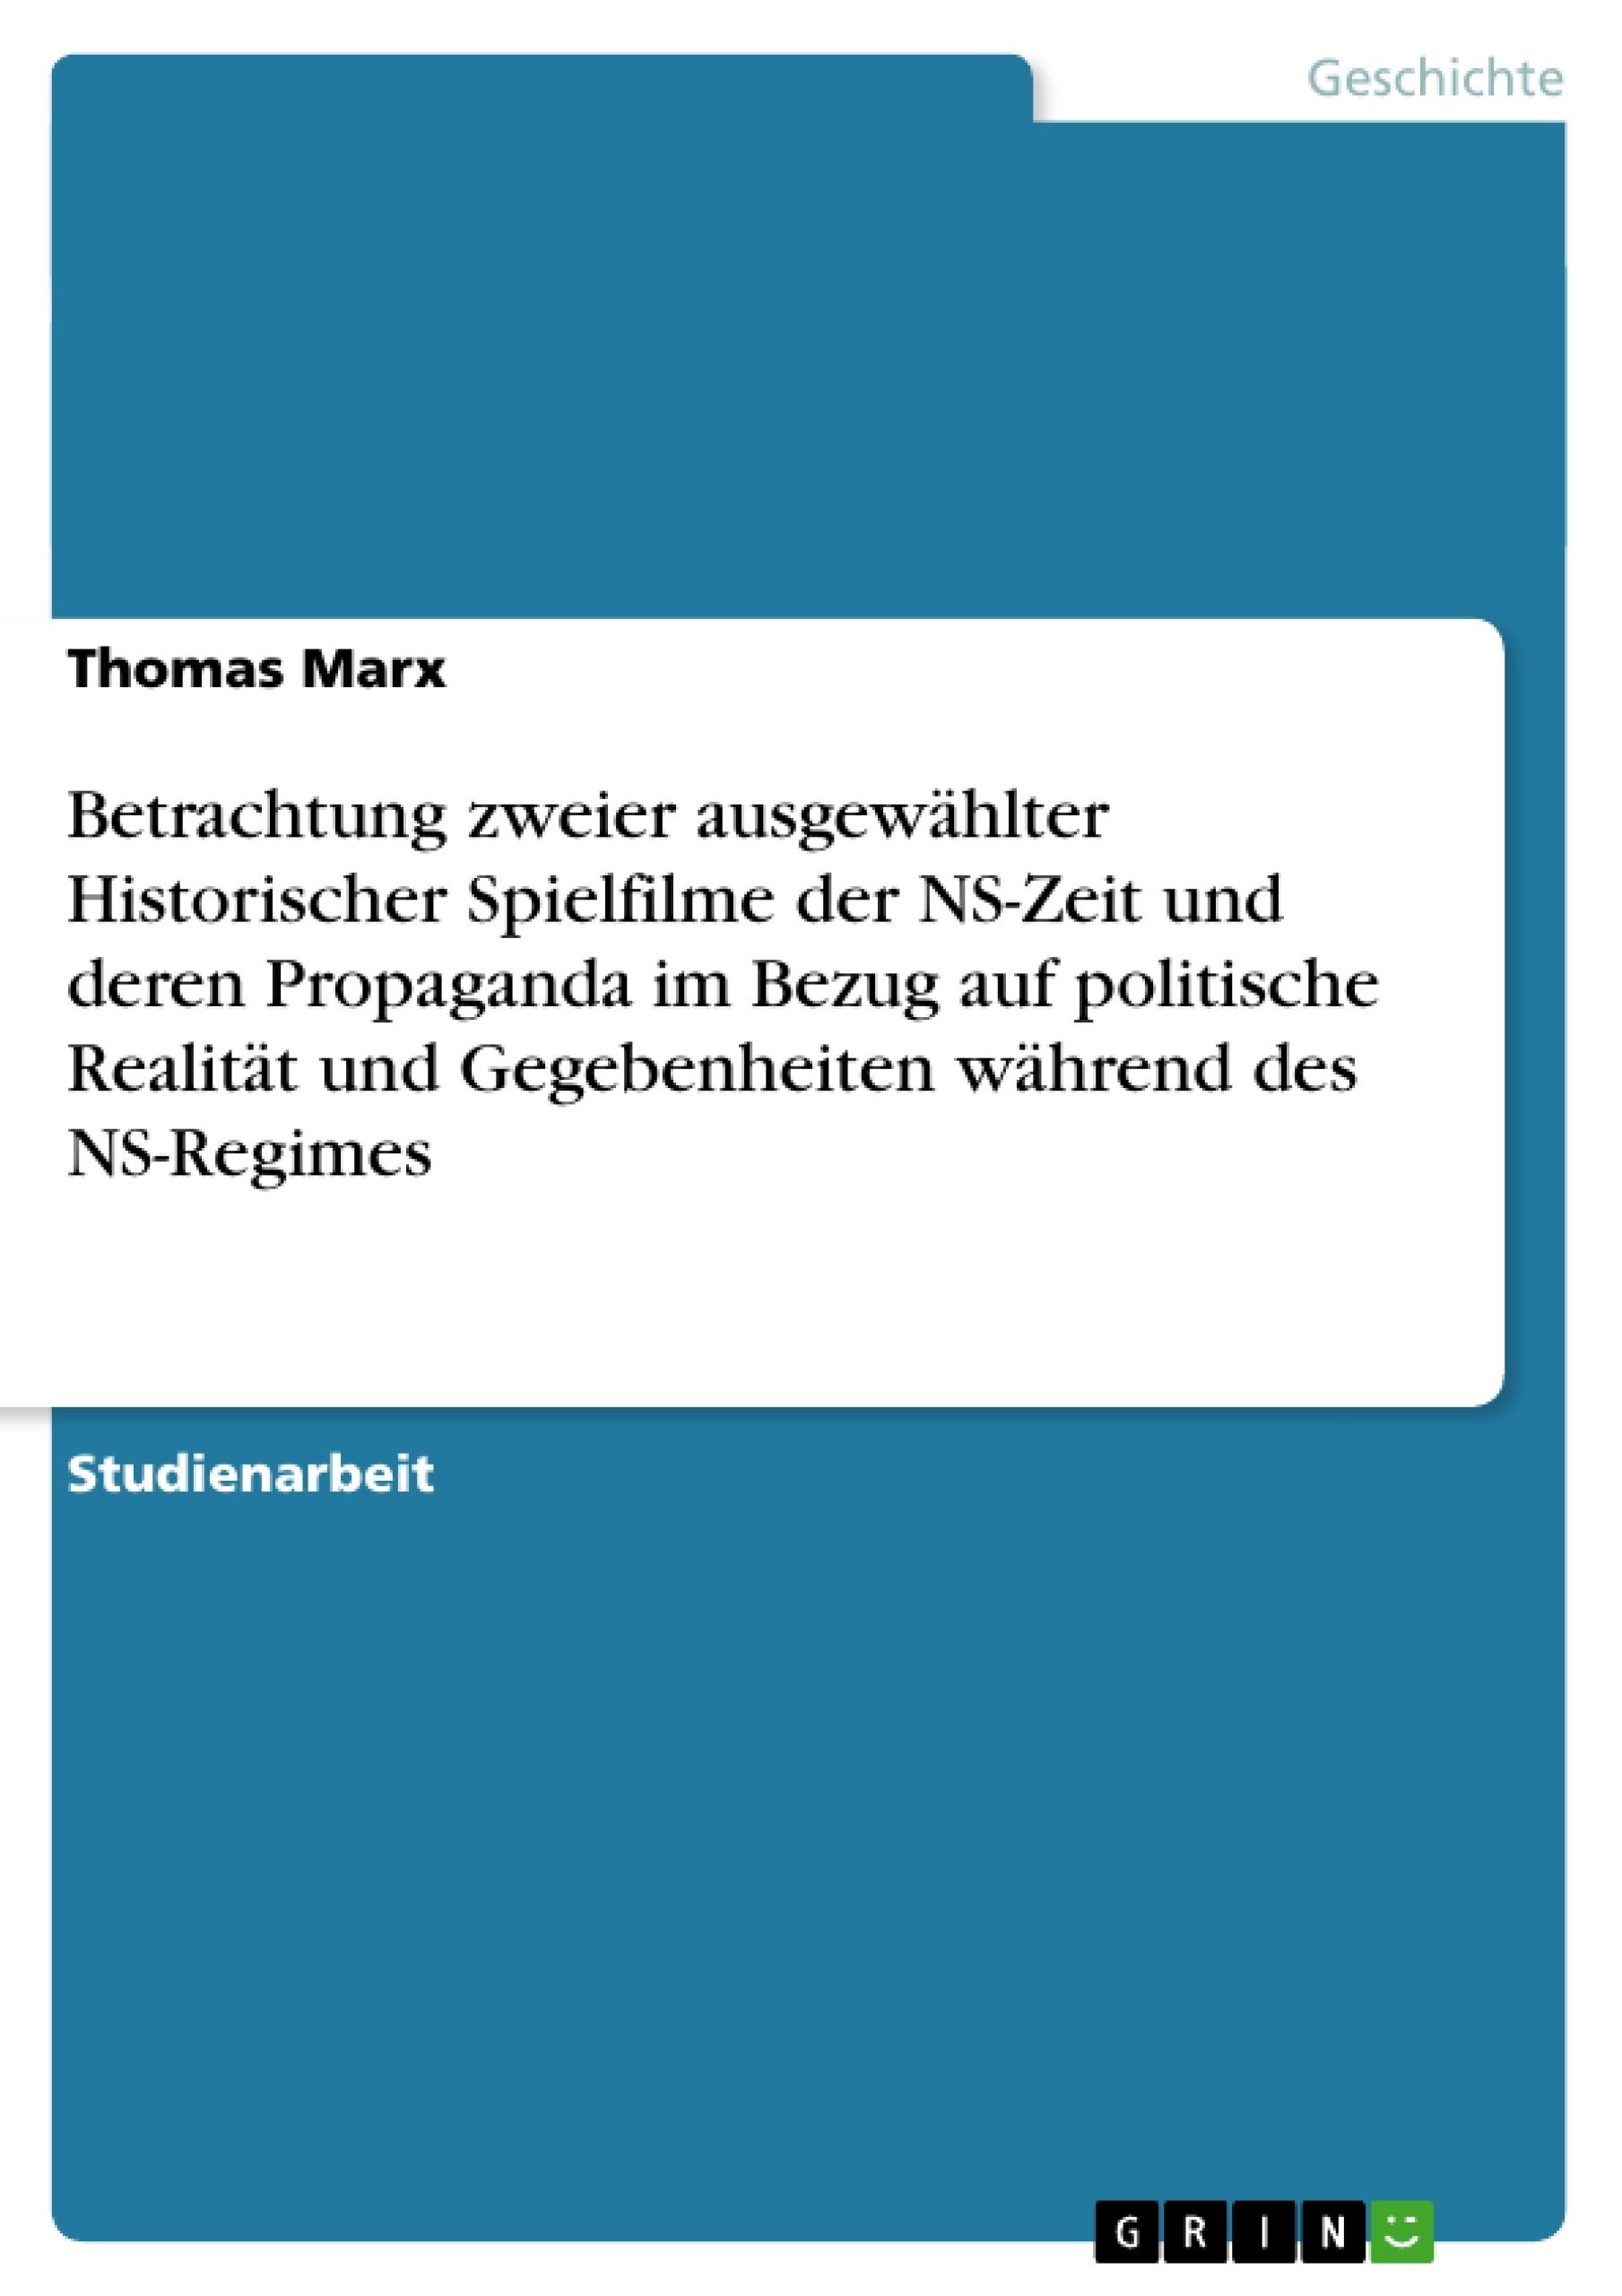 Titel: Betrachtung zweier ausgewählter Historischer Spielfilme der NS-Zeit und deren Propaganda im Bezug auf politische Realität und Gegebenheiten während des NS-Regimes